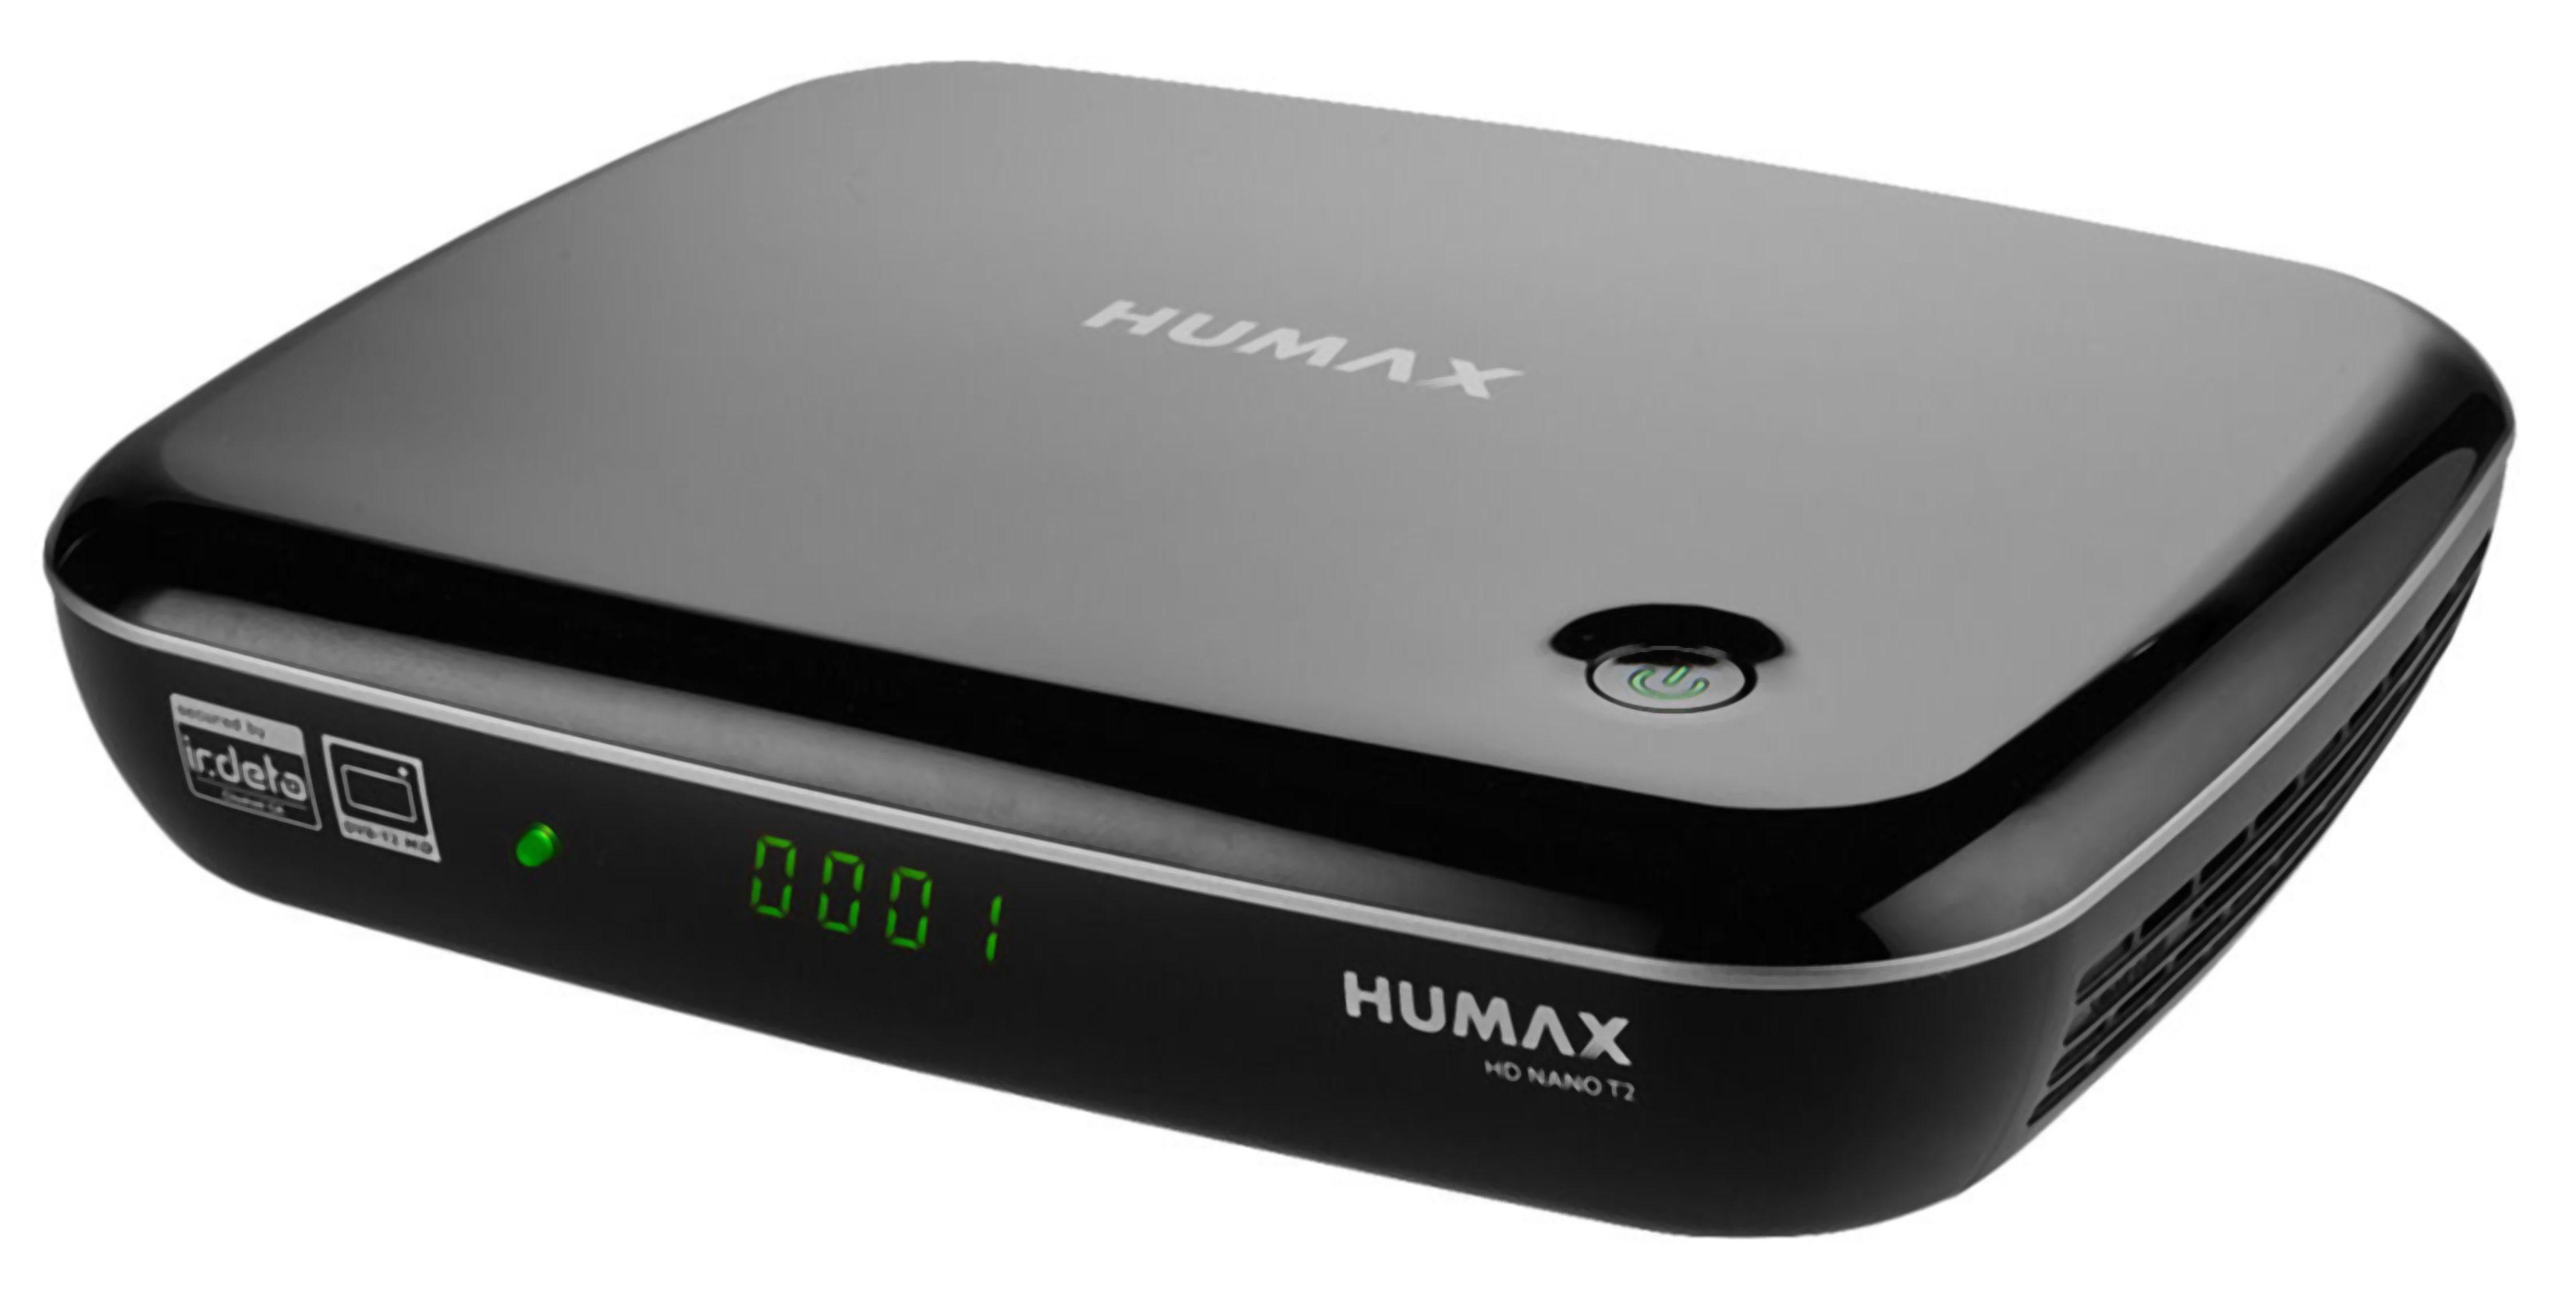 HUMAX DVB-T2 Digitaler HD-Receiver mit HDTV, USB & PVR Funktion »HD NANO T2«